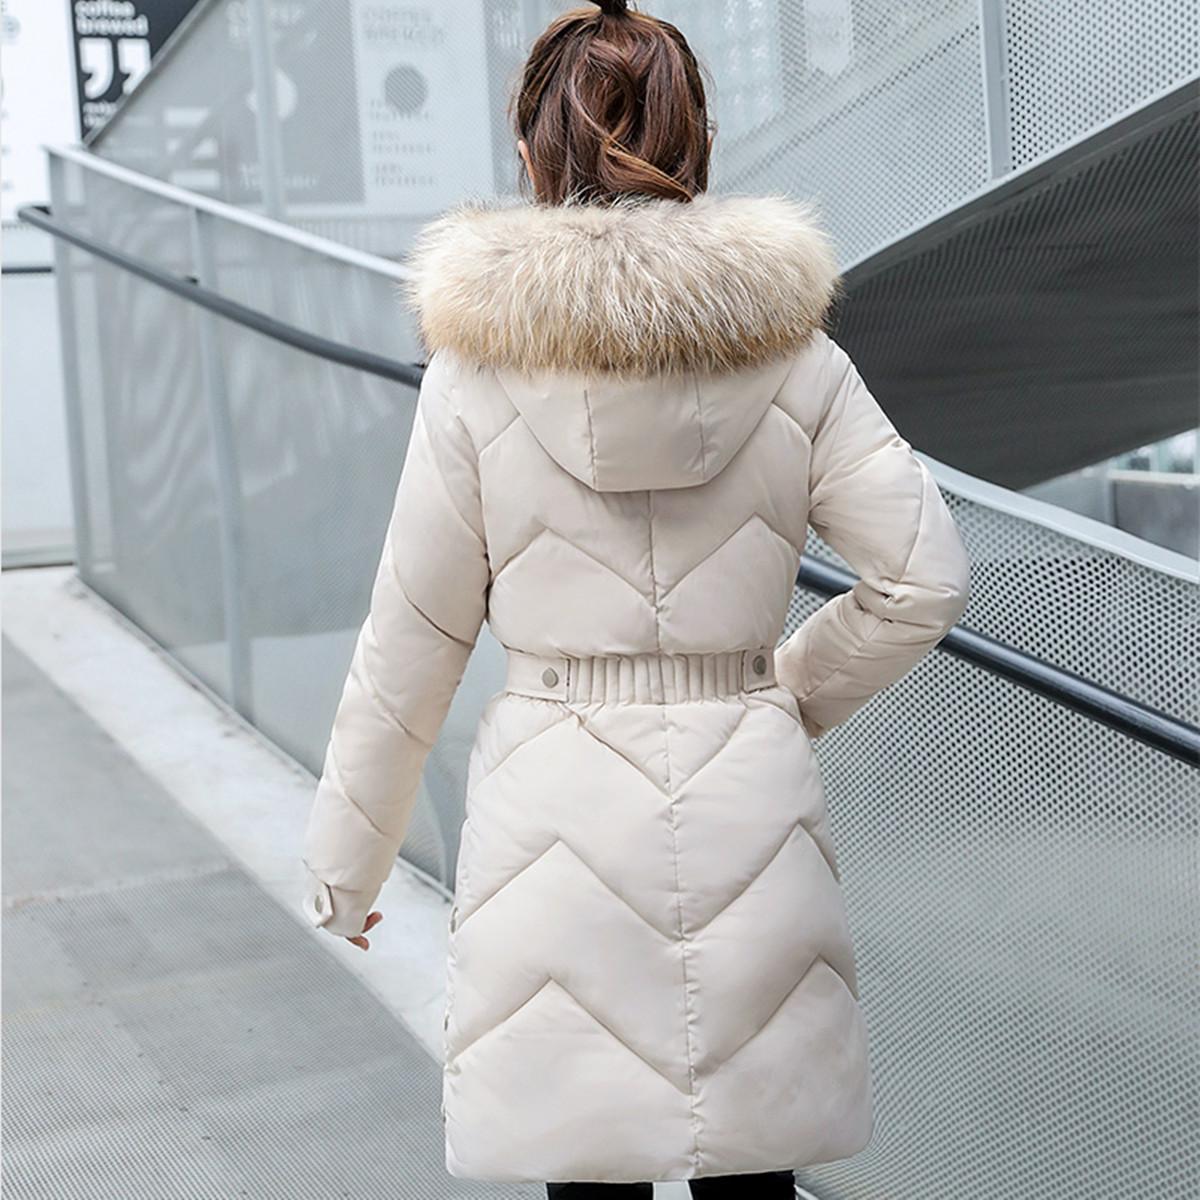 冬新款外套女中长款加厚修身学生棉服连帽可拆卸毛领羽绒棉衣棉袄